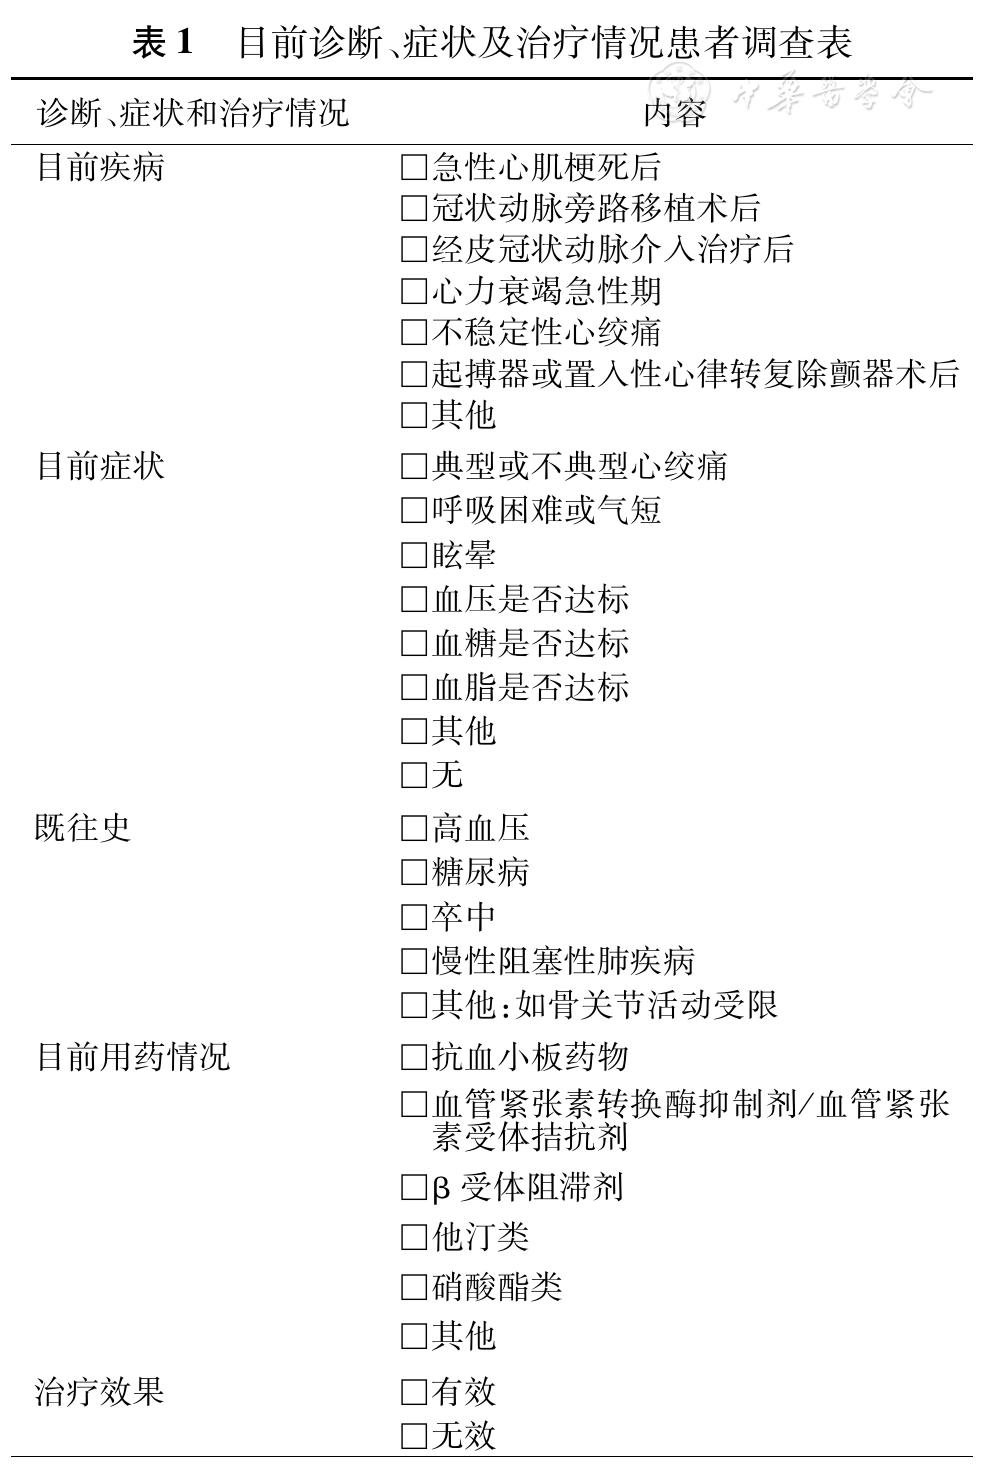 冠心病康复与二级预防中国专家共识